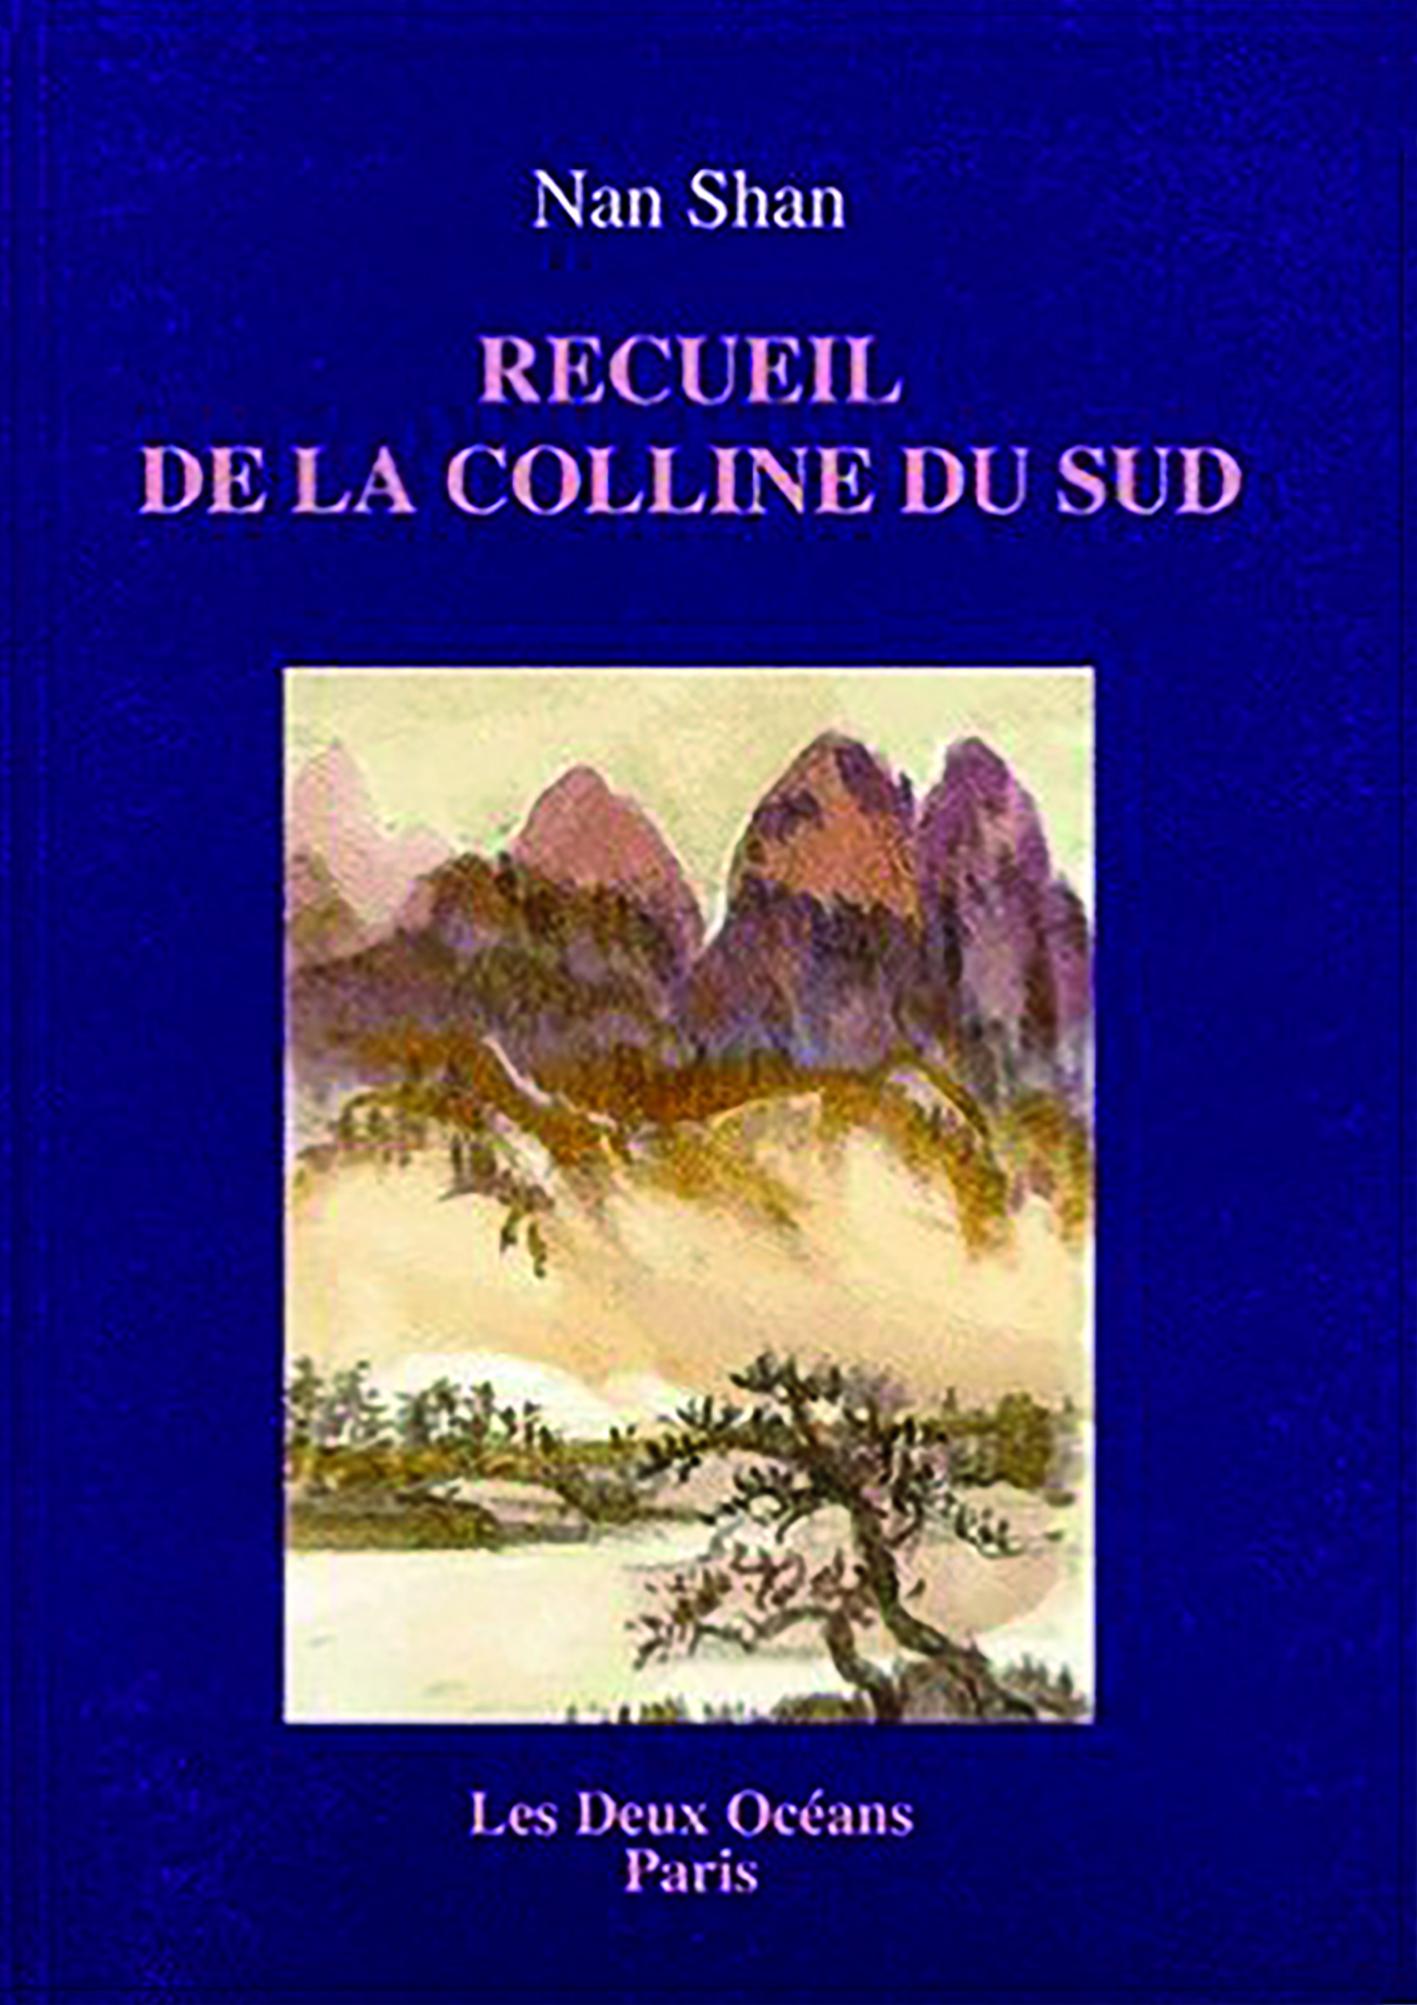 RECUEIL DE LA COLLINE DU SUD